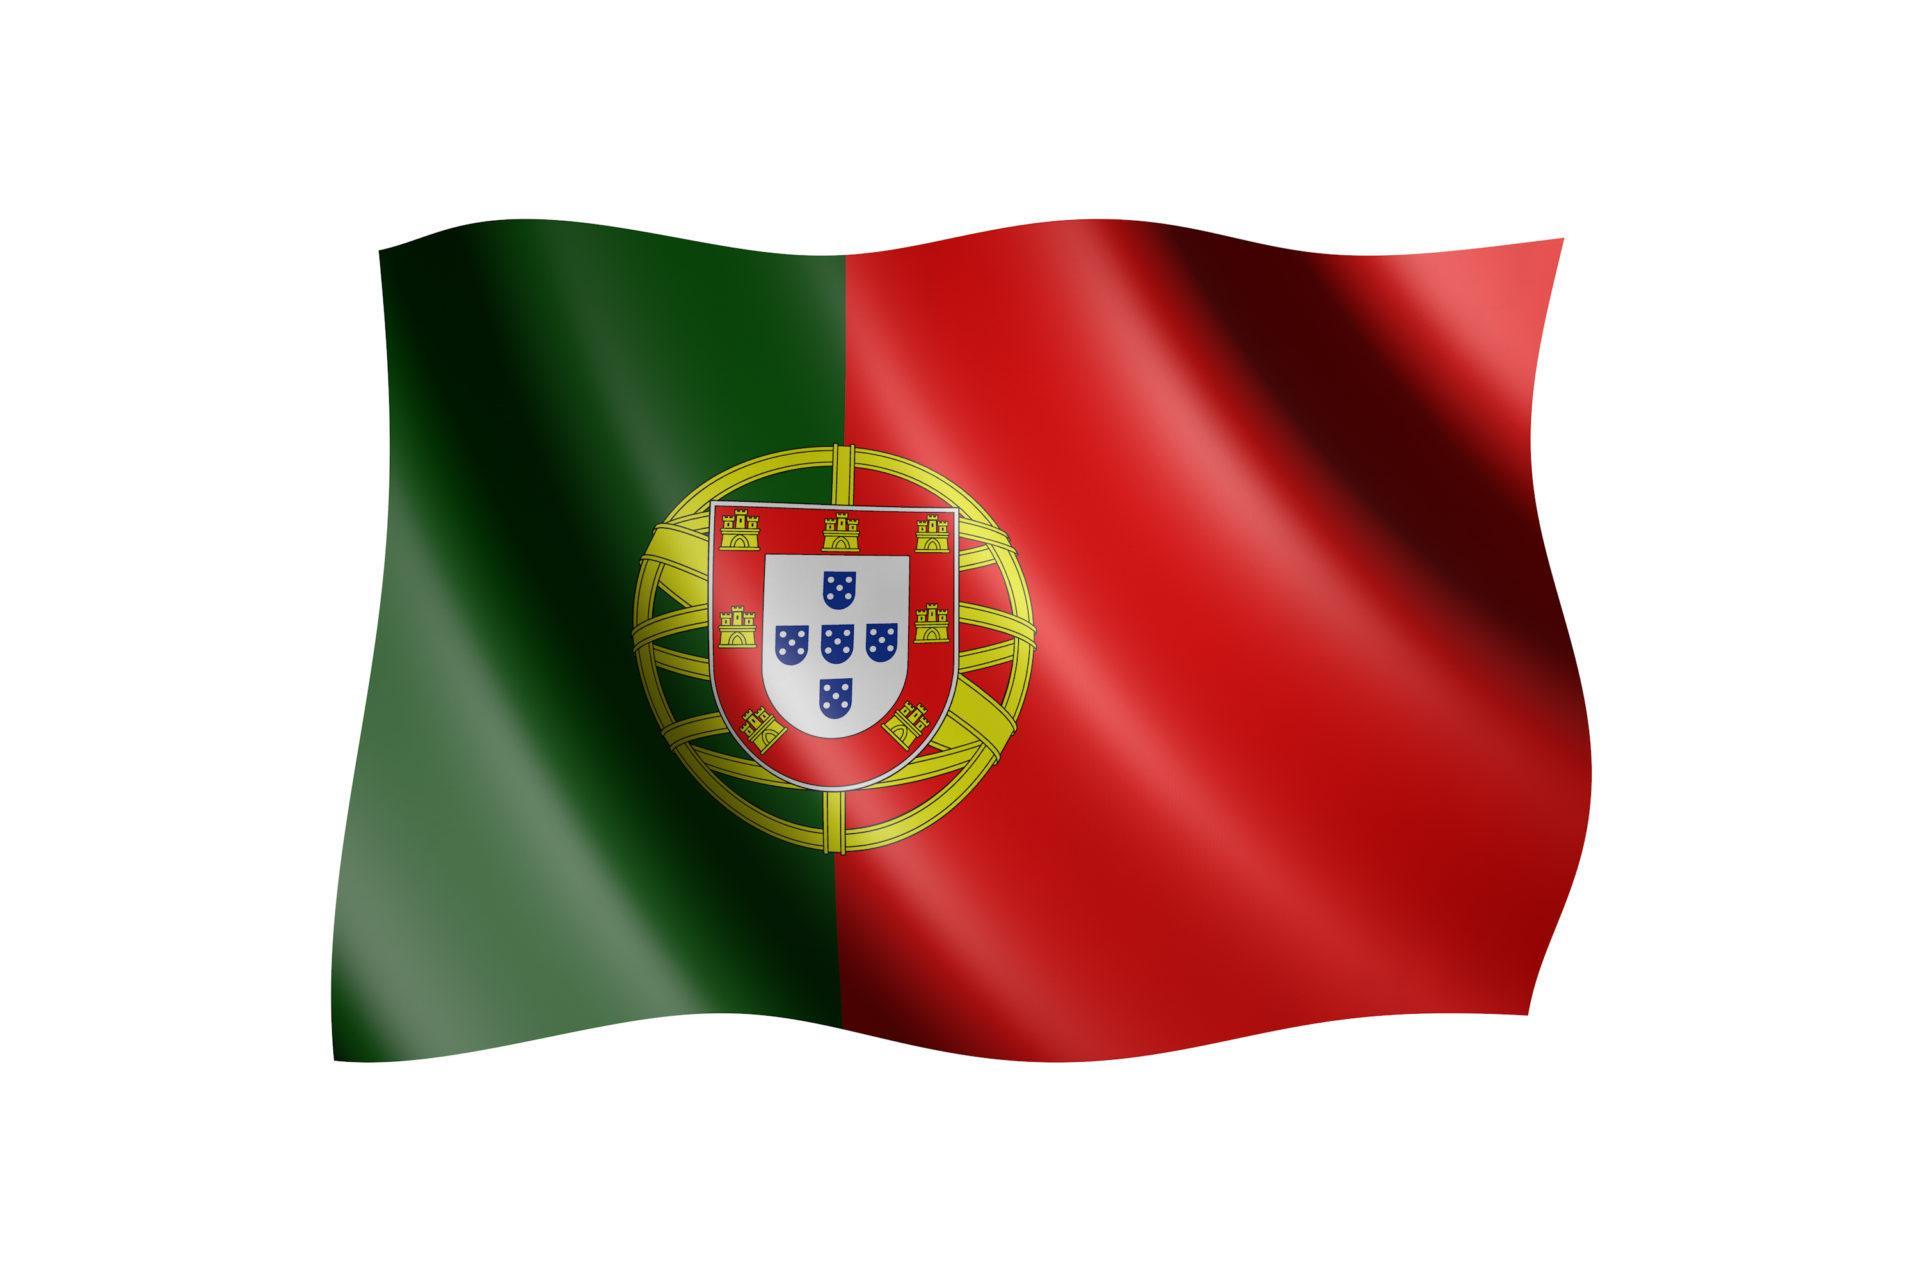 זכאות לאזרחות פורטוגלית: מי זכאי?